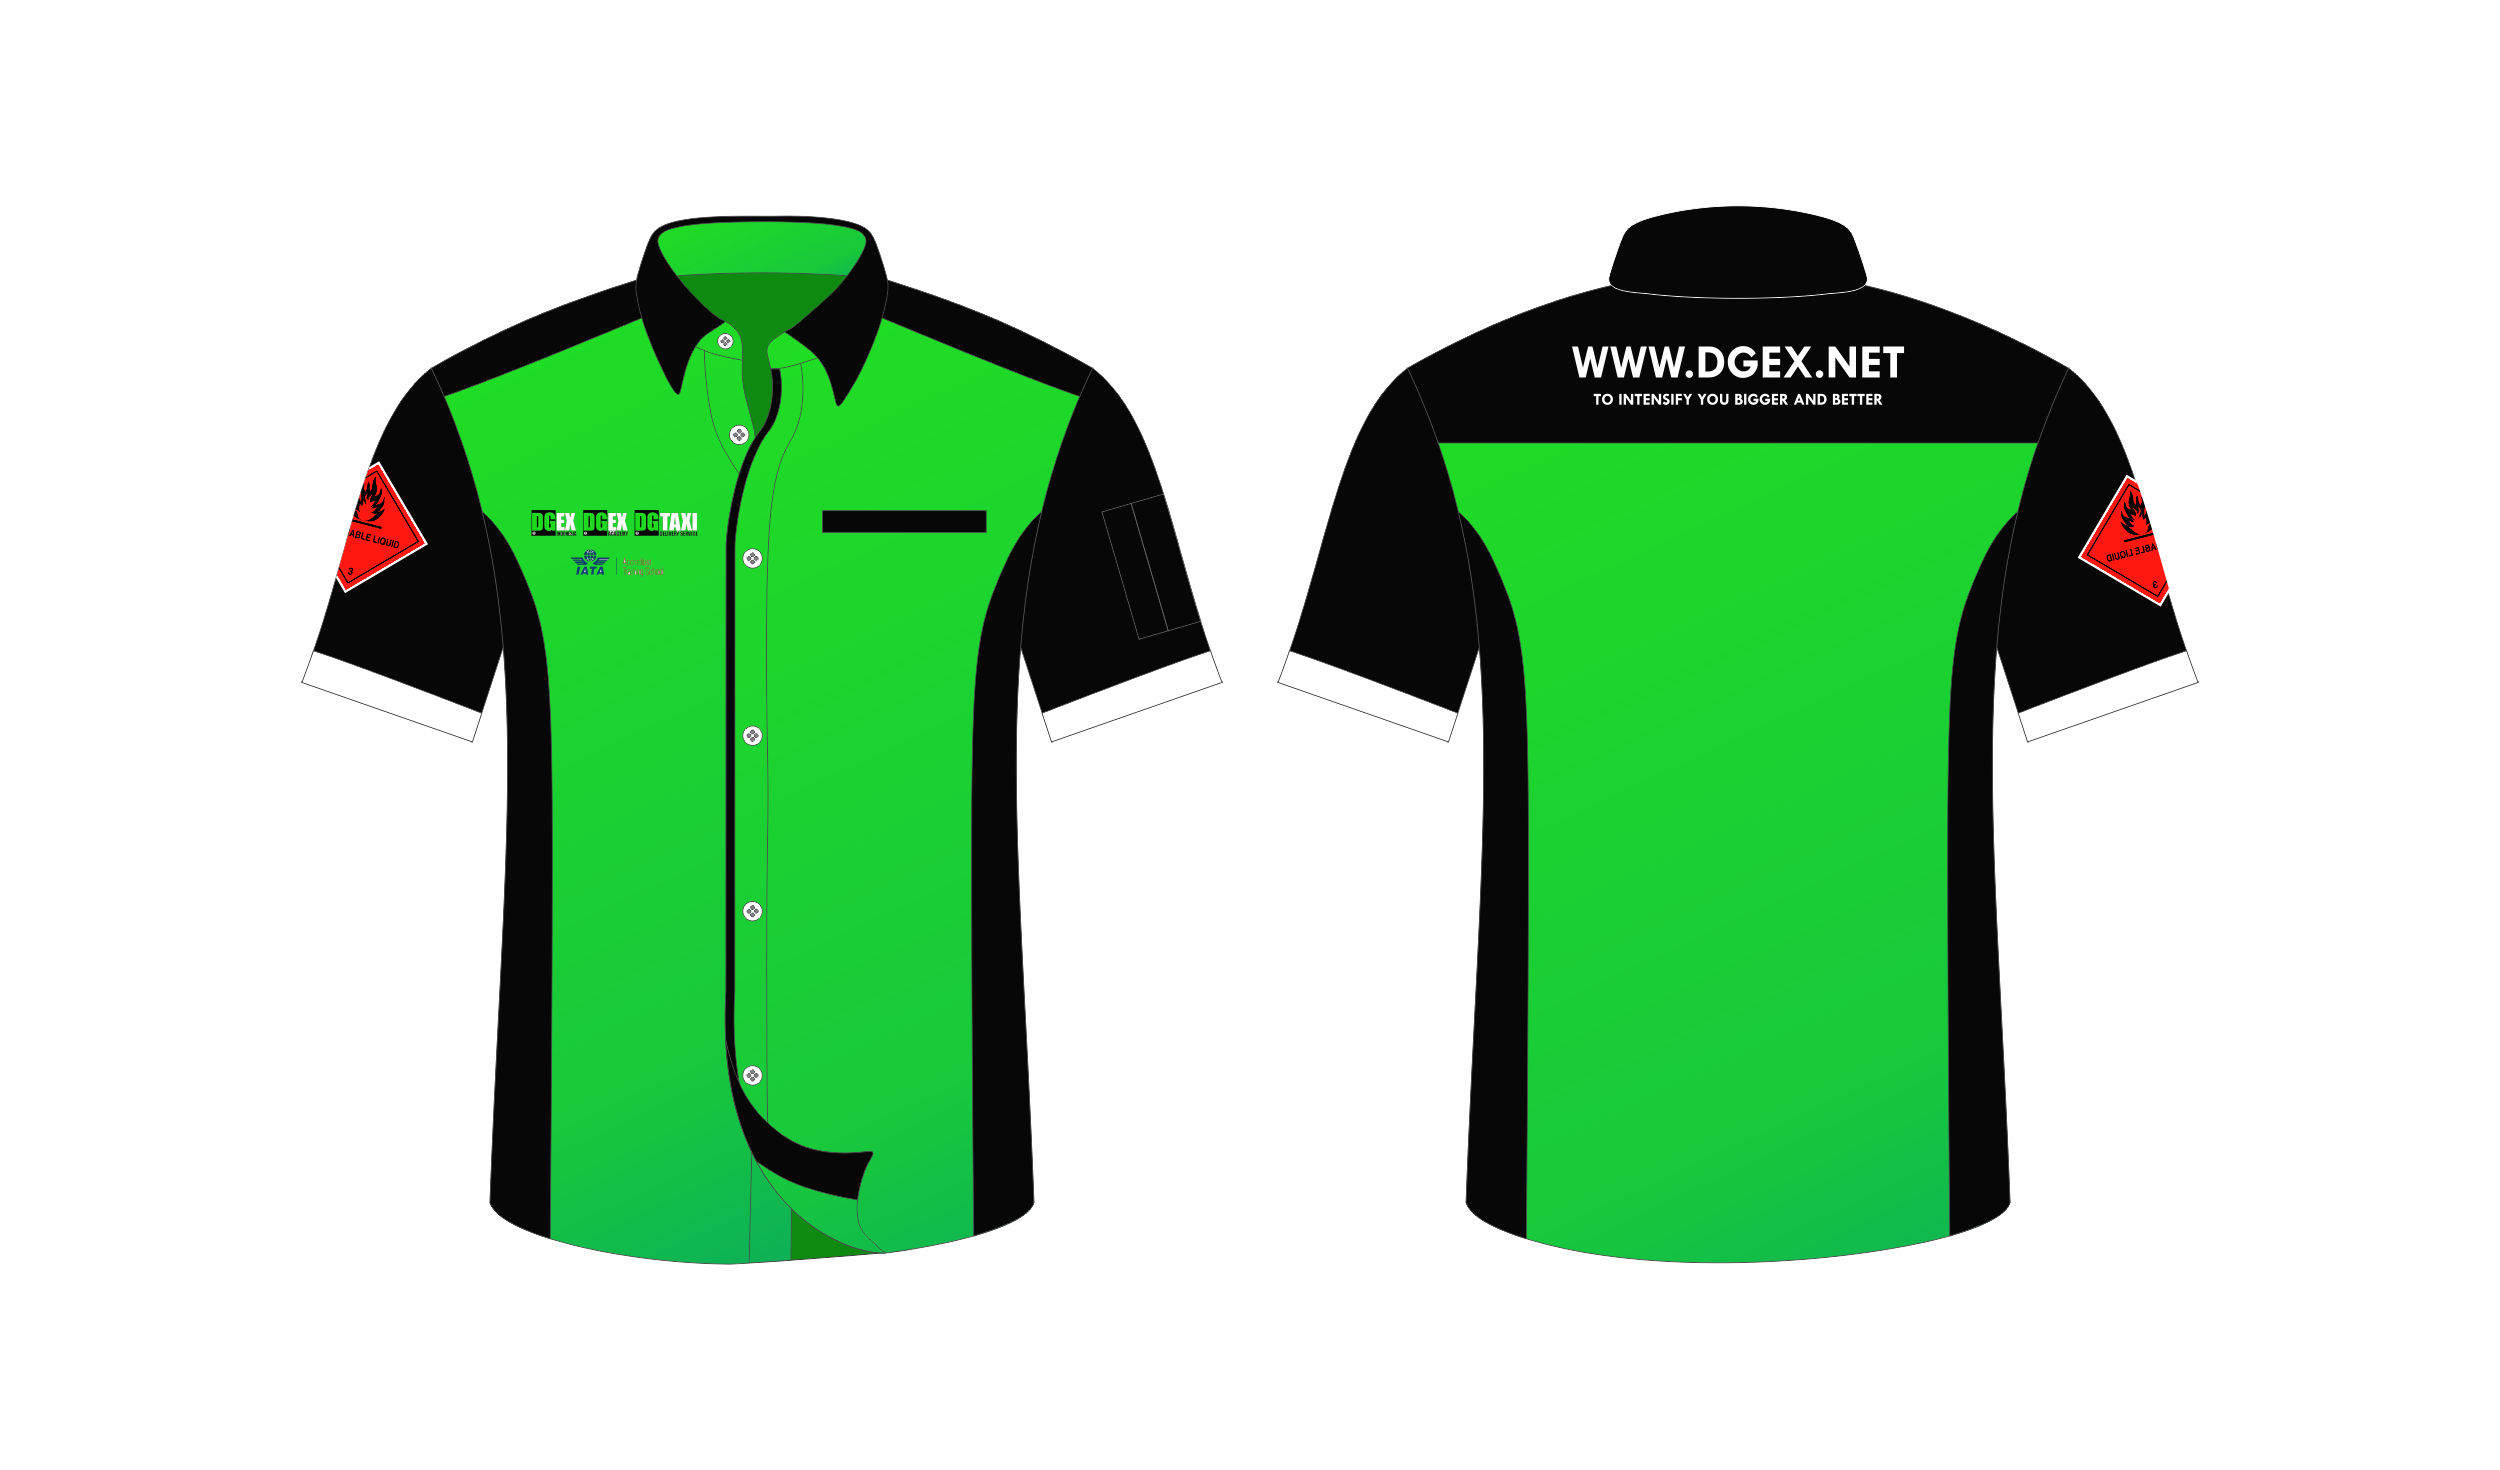 Desain t shirt elegan - Lihat Desain Lainnya